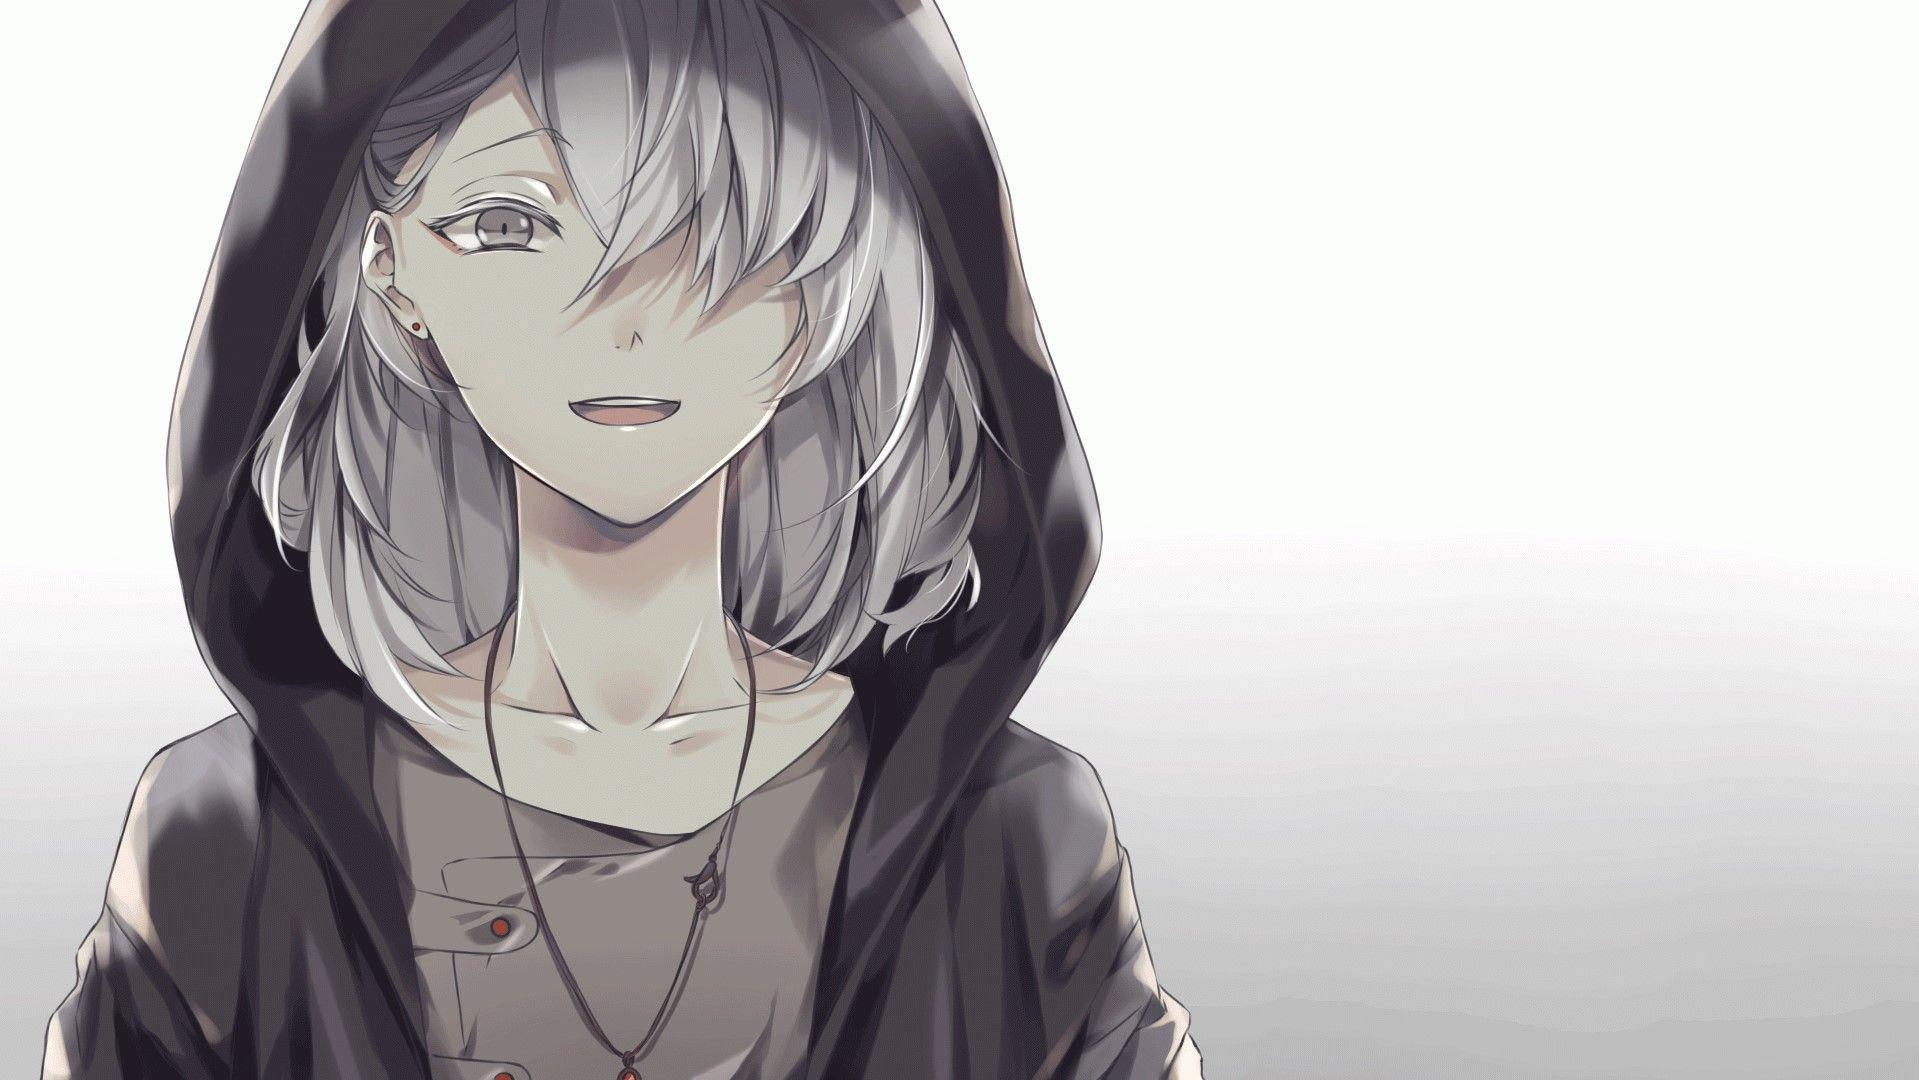 Hình nền Anime Boy Dễ thương 1919x1080